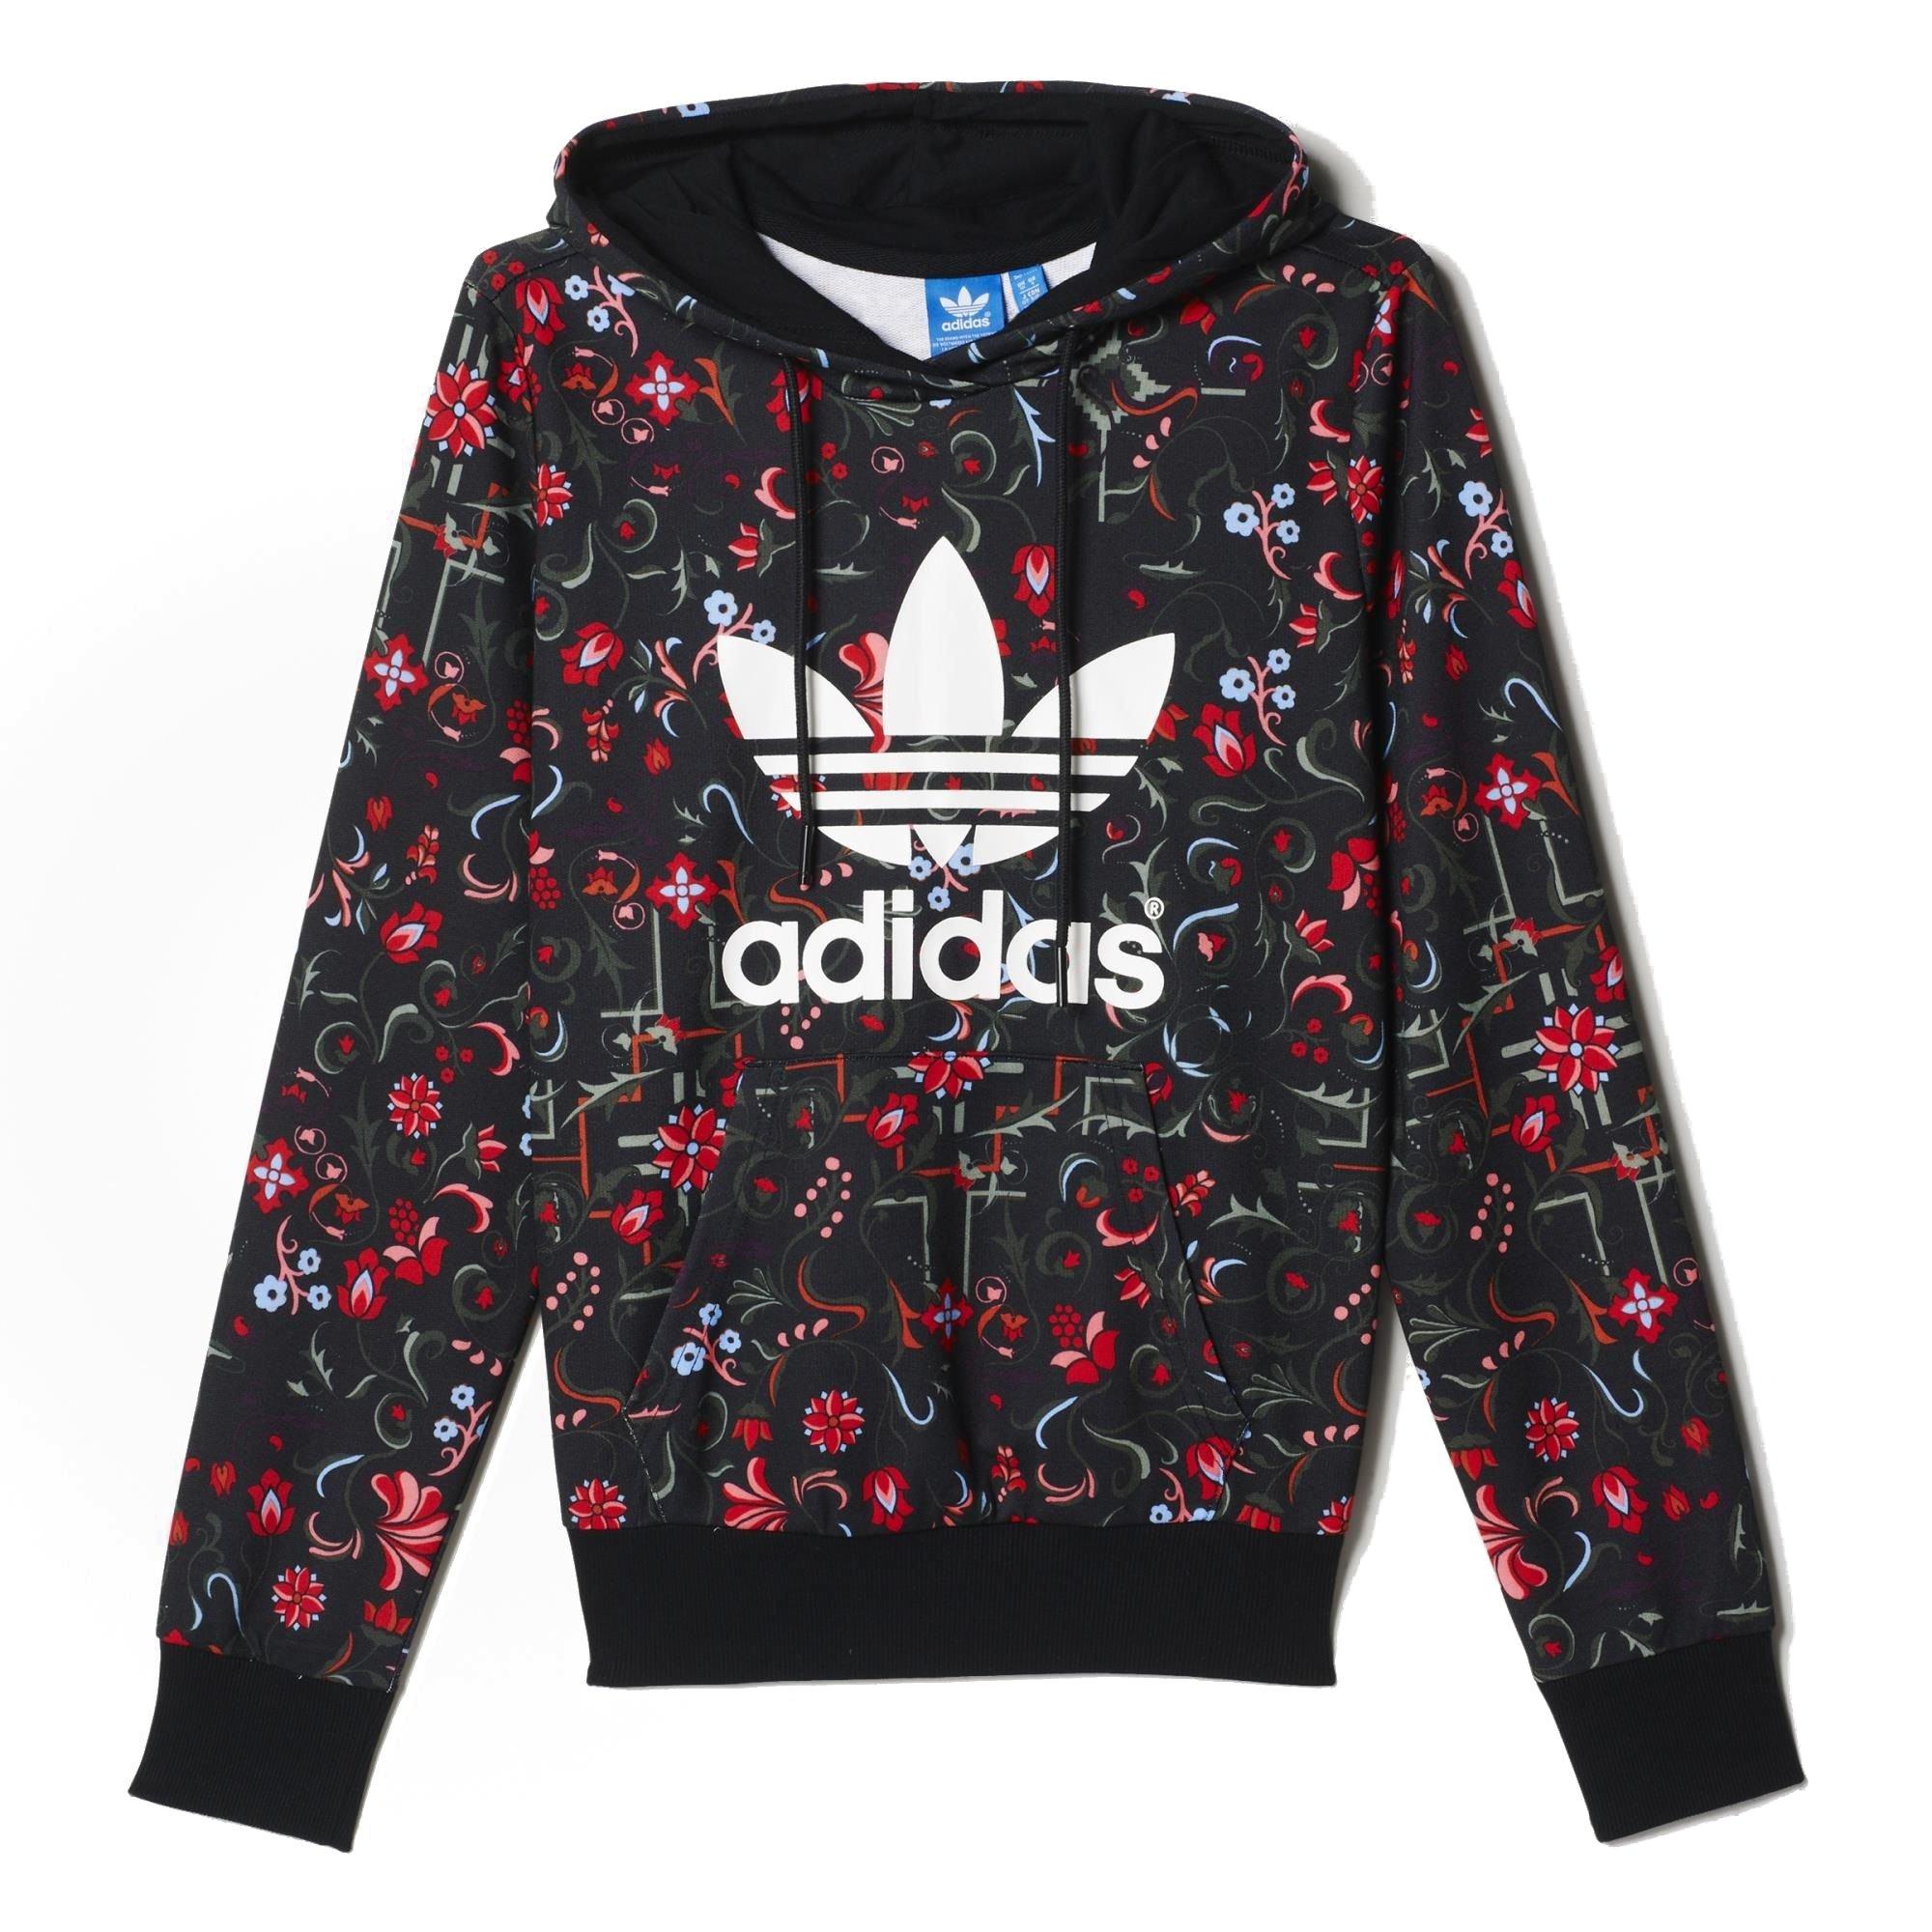 Adidas Trefoil Originals Logo Mujer Prin Allover Flower Sudadera wpqSpOrt e66aa26641d85